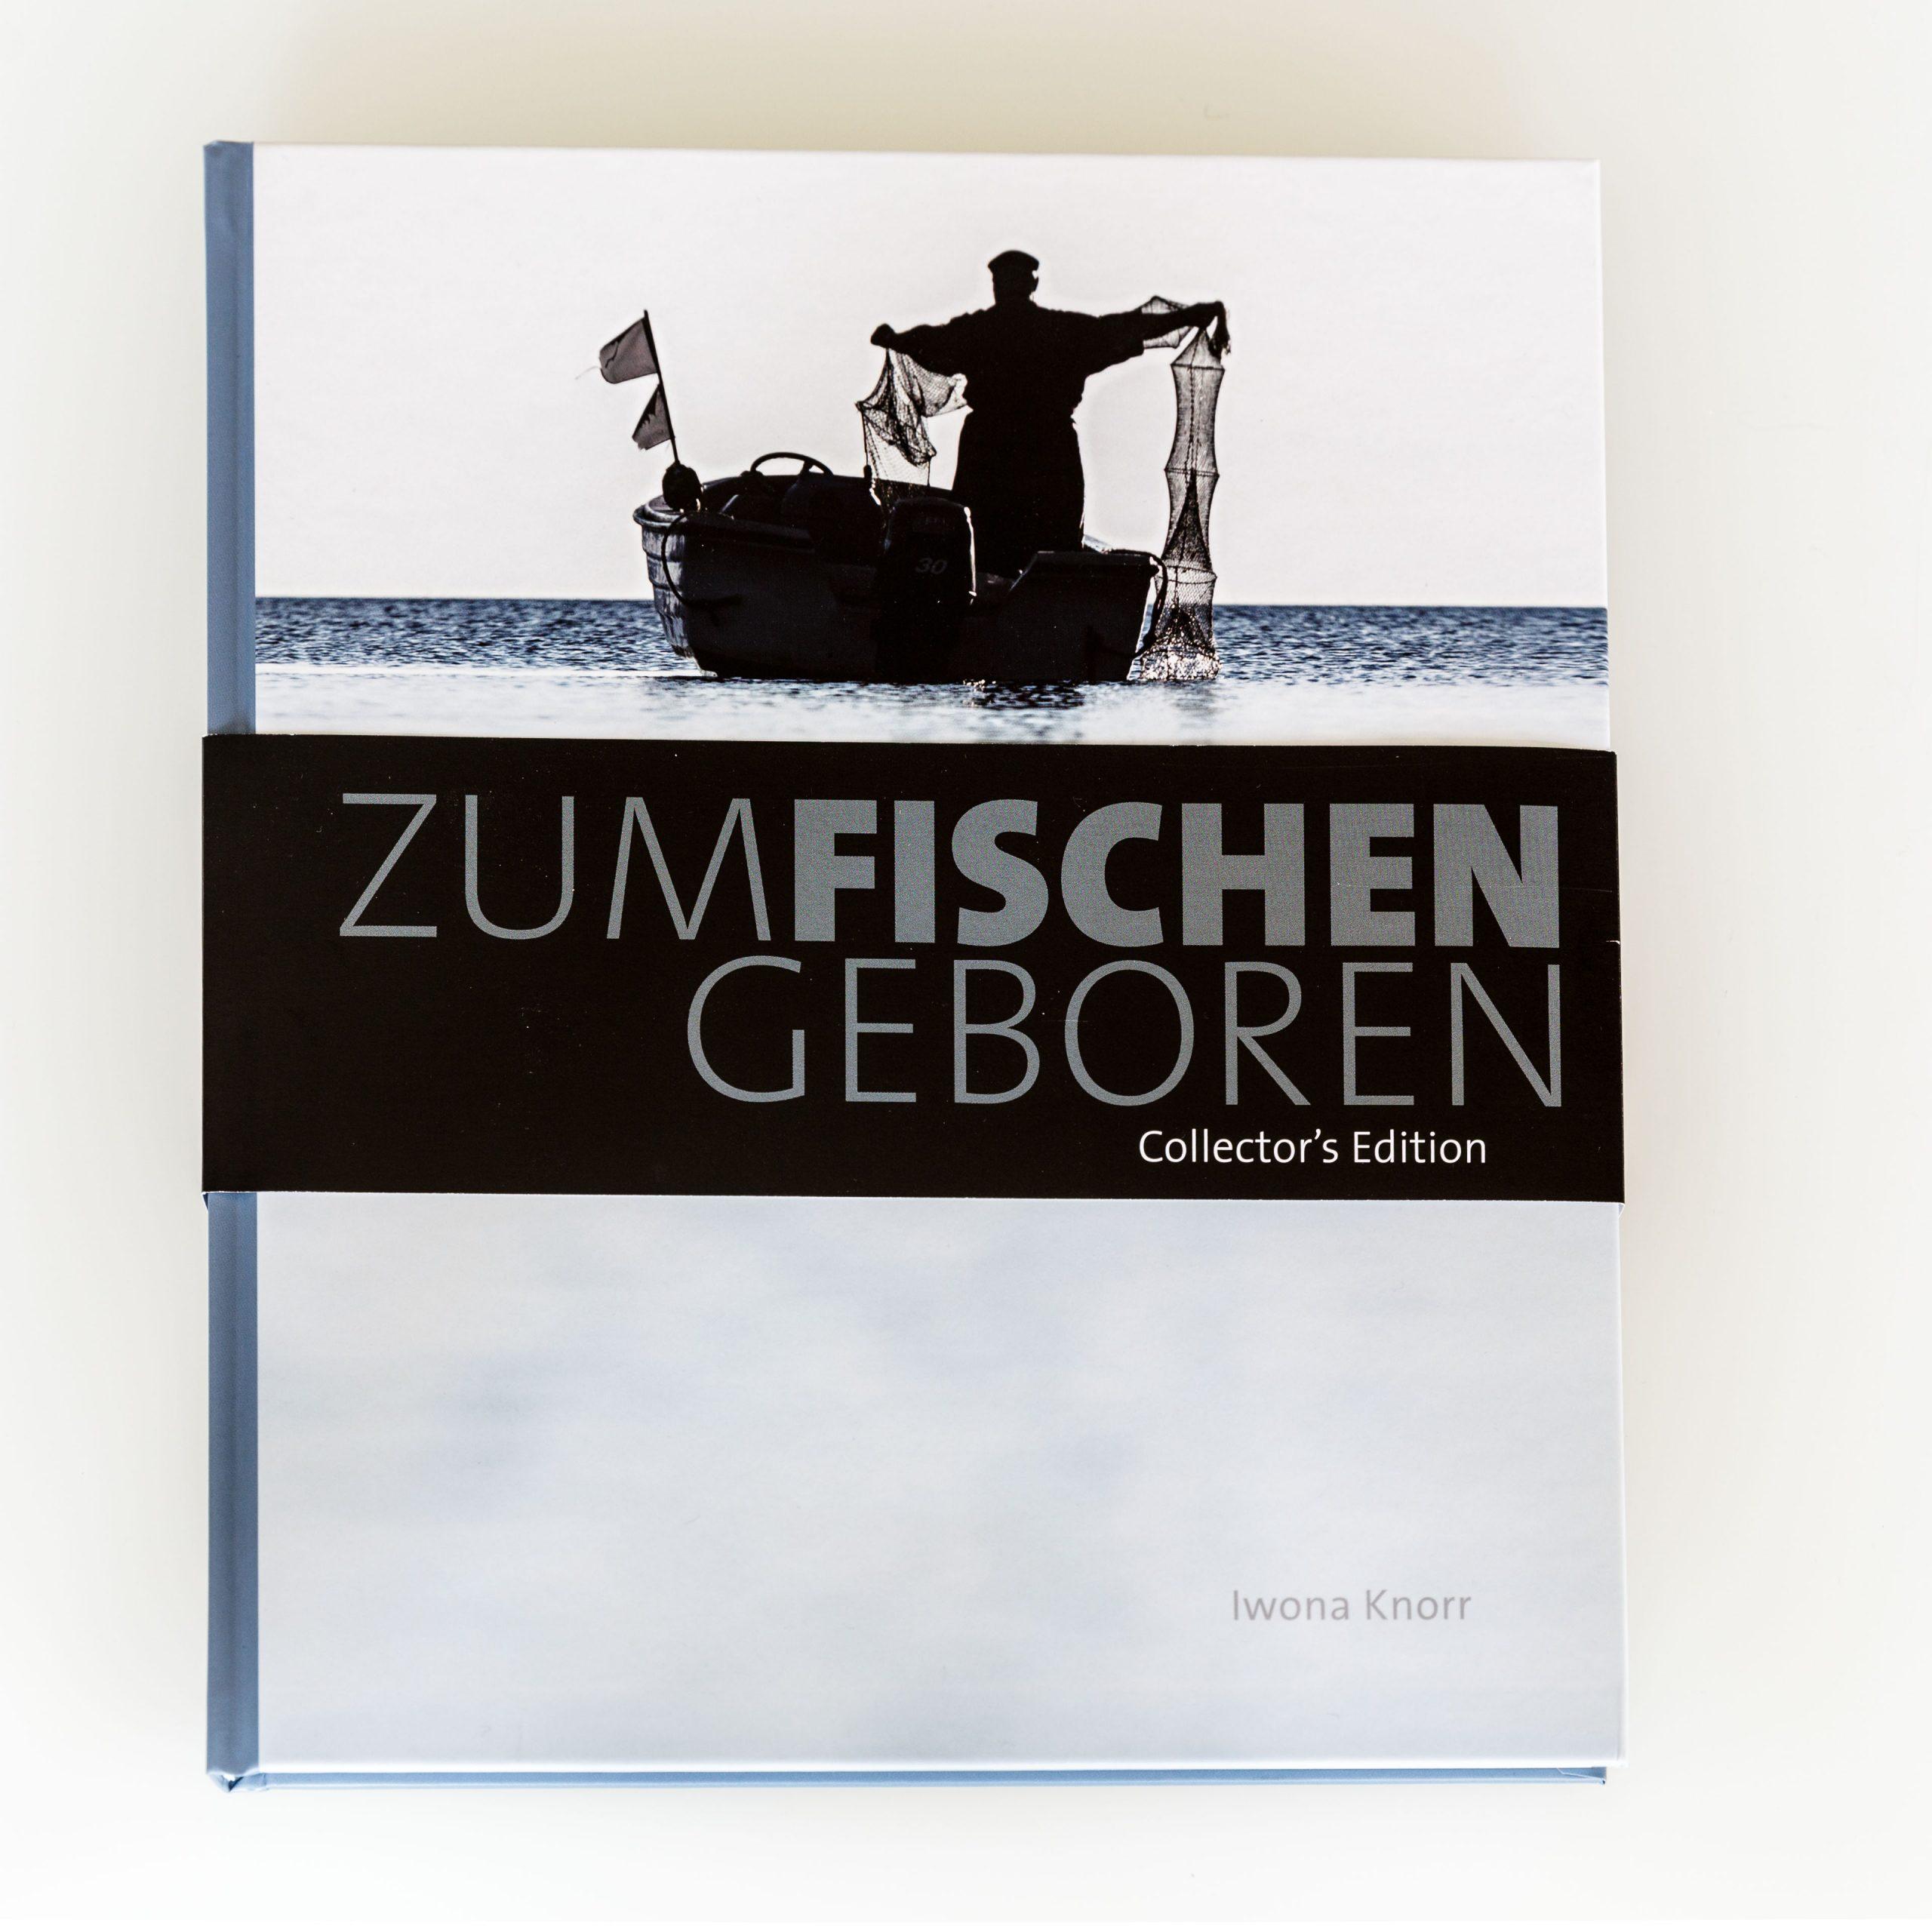 ZUM FISCHEN GEBOREN / Collector's Edition